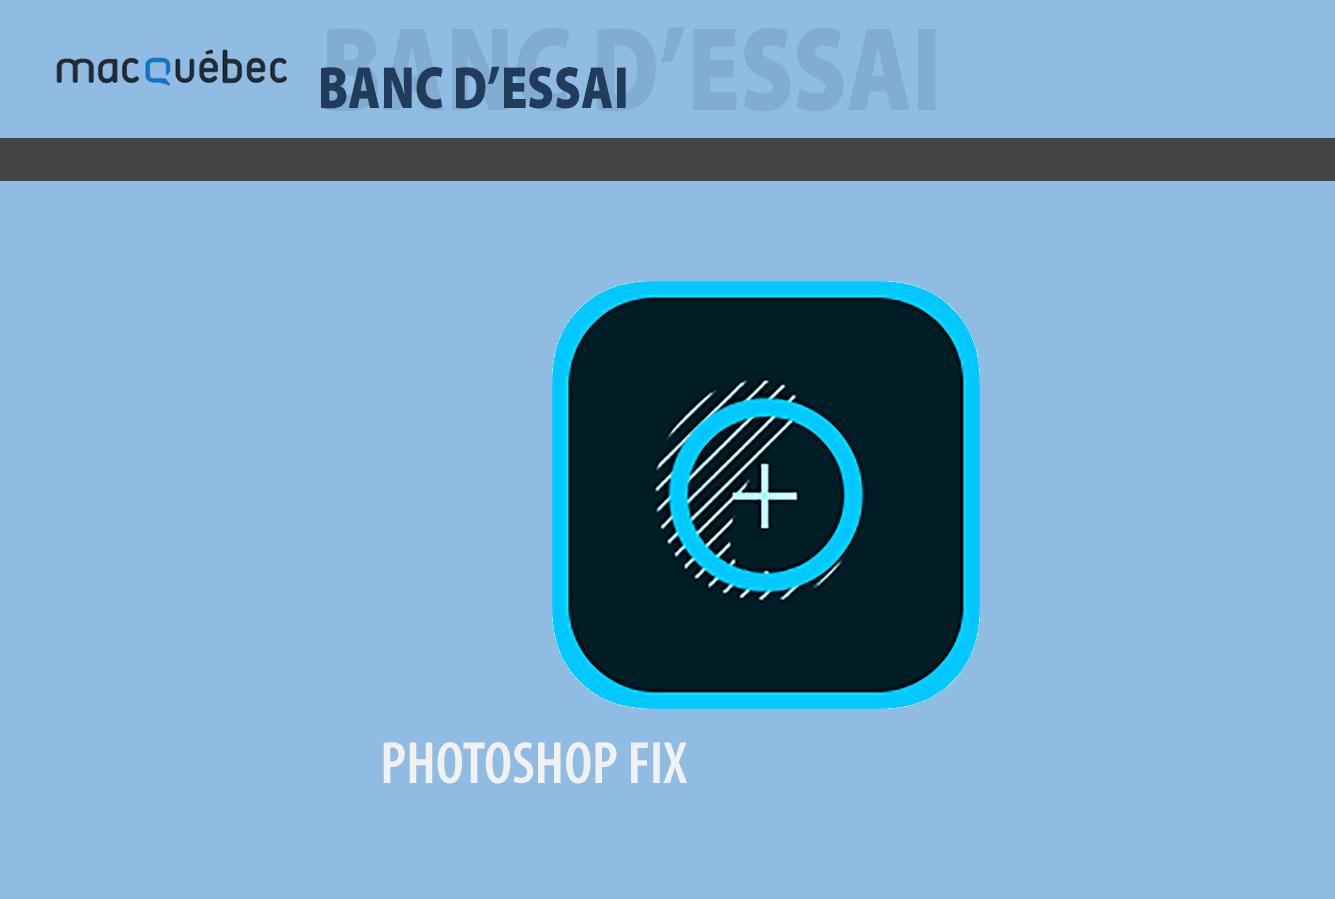 Cette illustration montre le logo de l'application Photoshop Fix associé à l'article du logiciel.